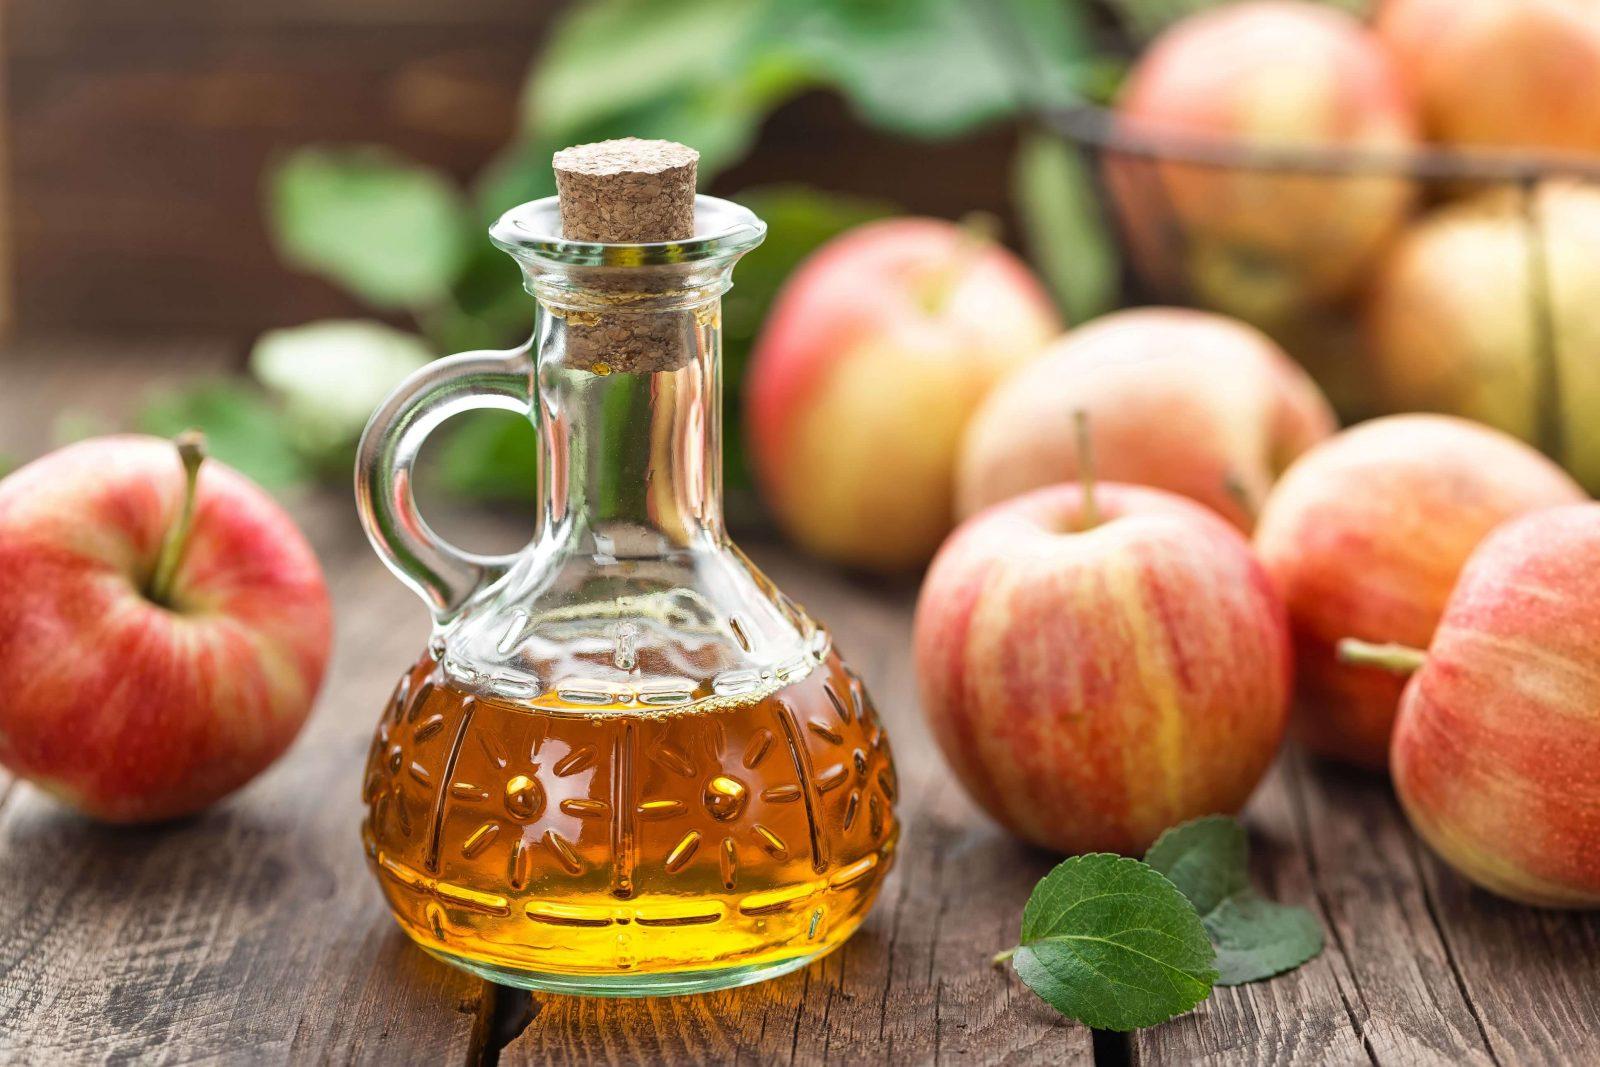 elma sirkesi içmenin faydaları